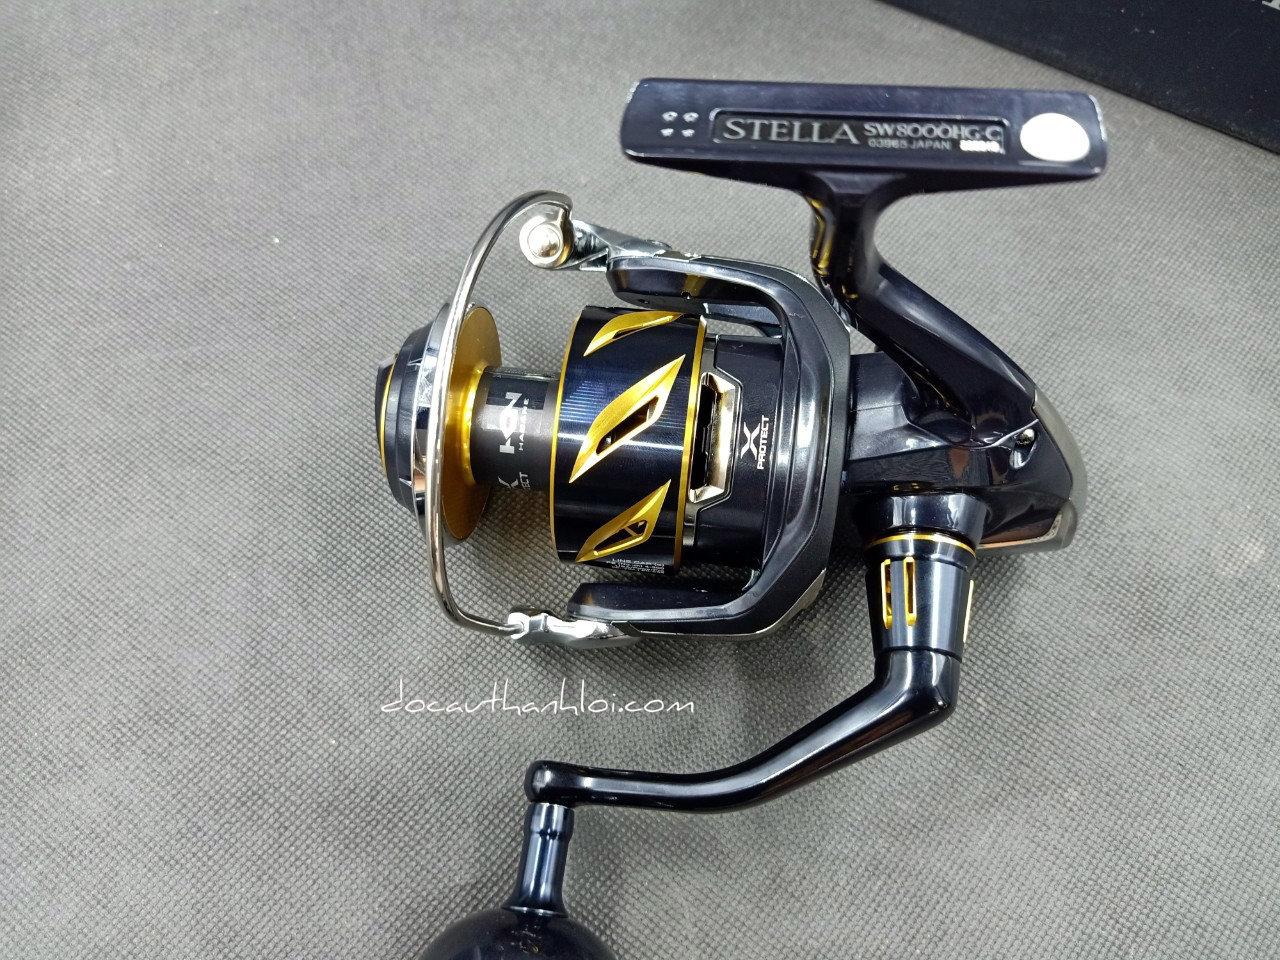 Shimano Stella 8000hg